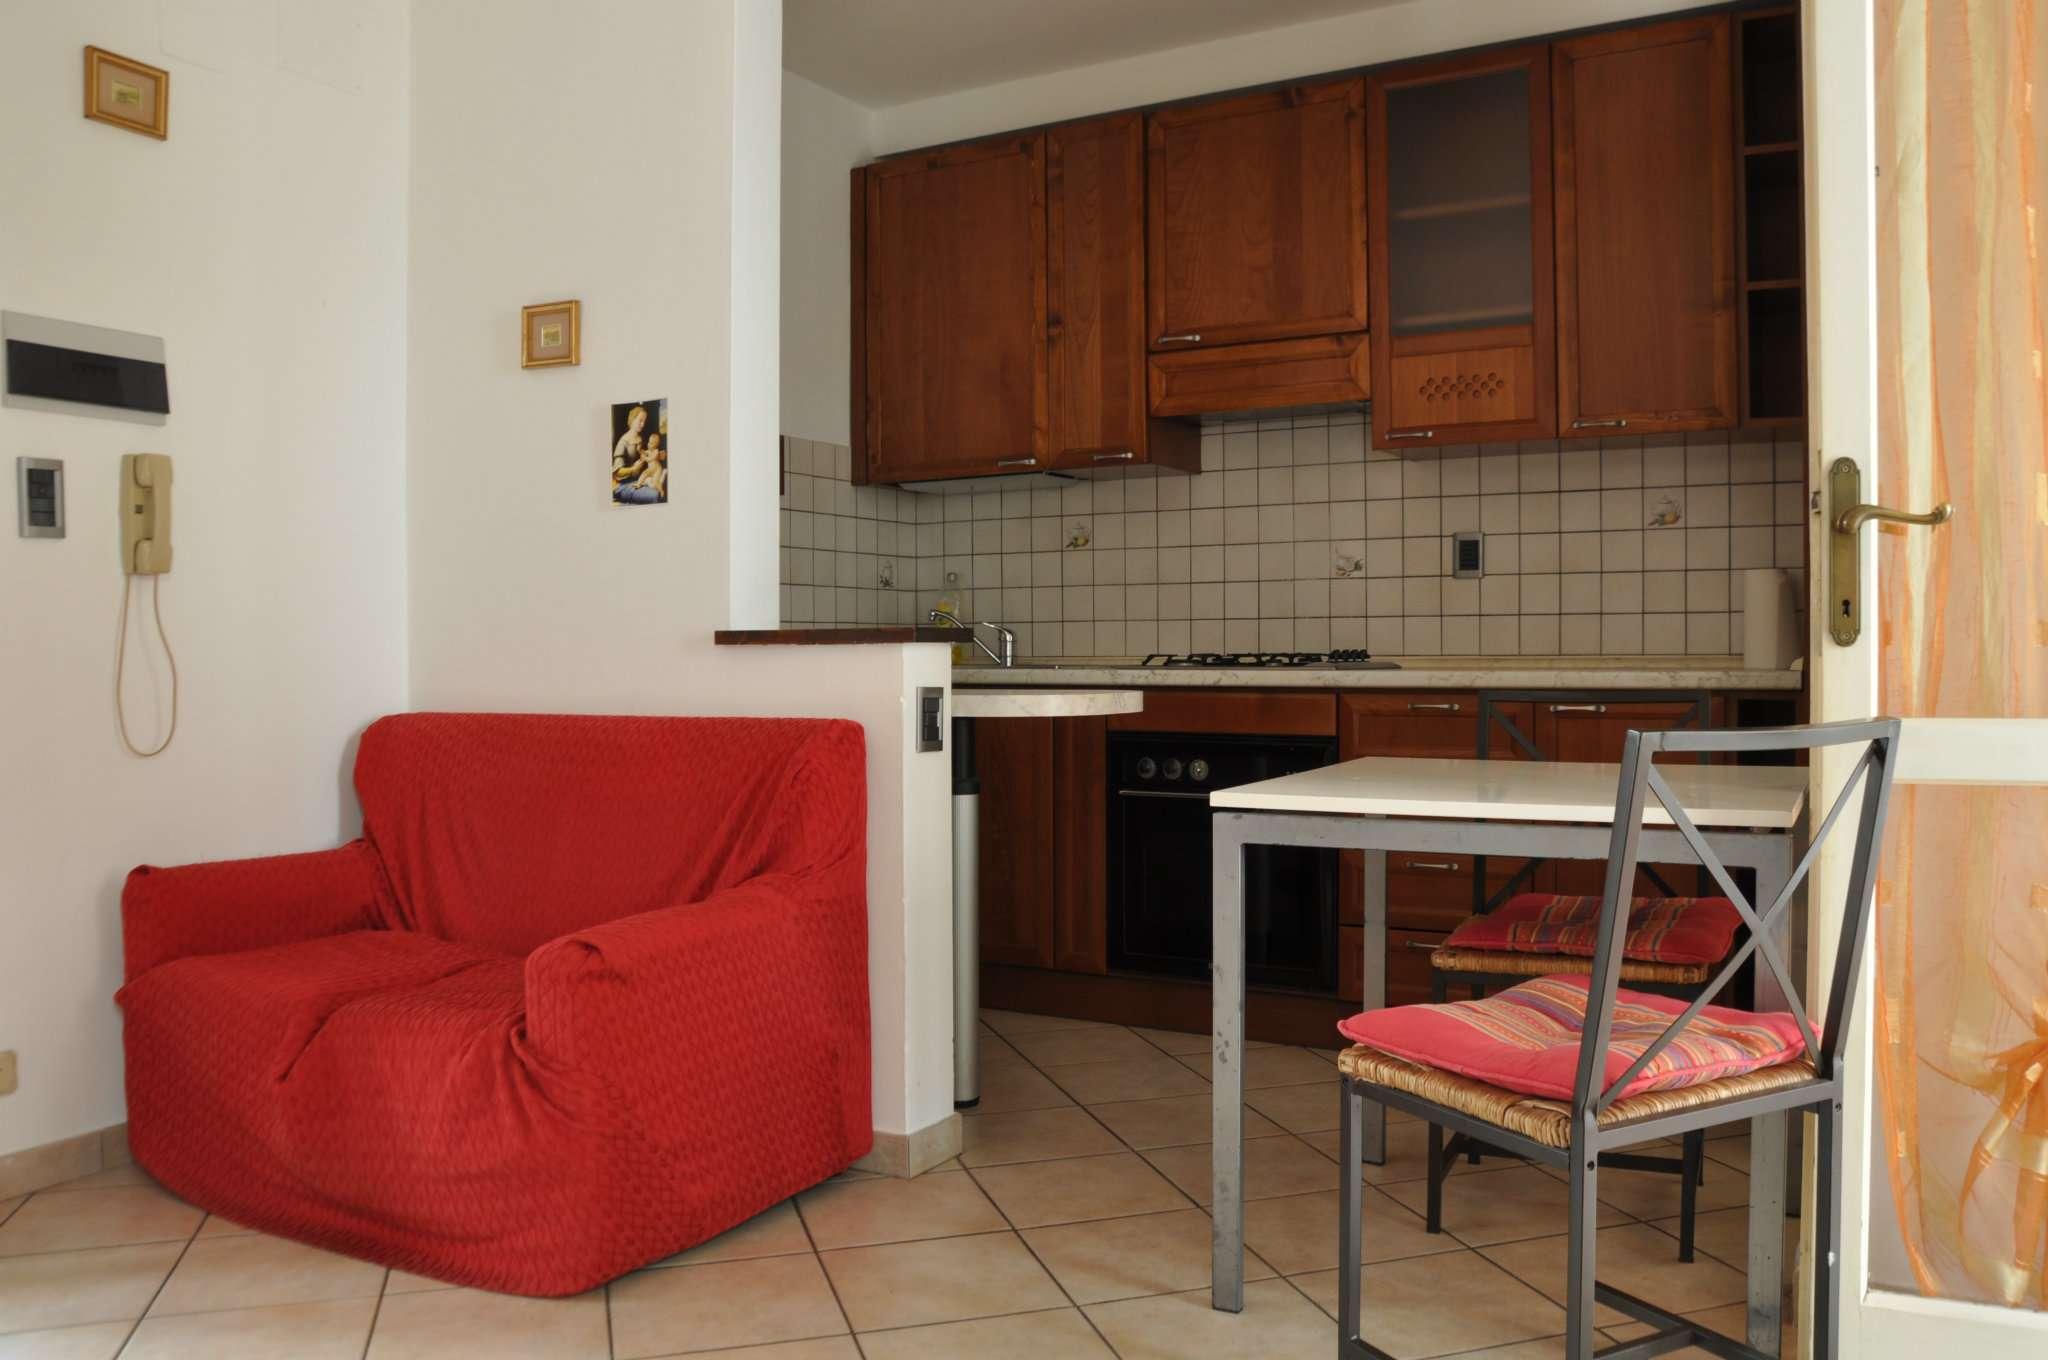 Appartamento in affitto a Pistoia, 2 locali, prezzo € 430 | Cambio Casa.it